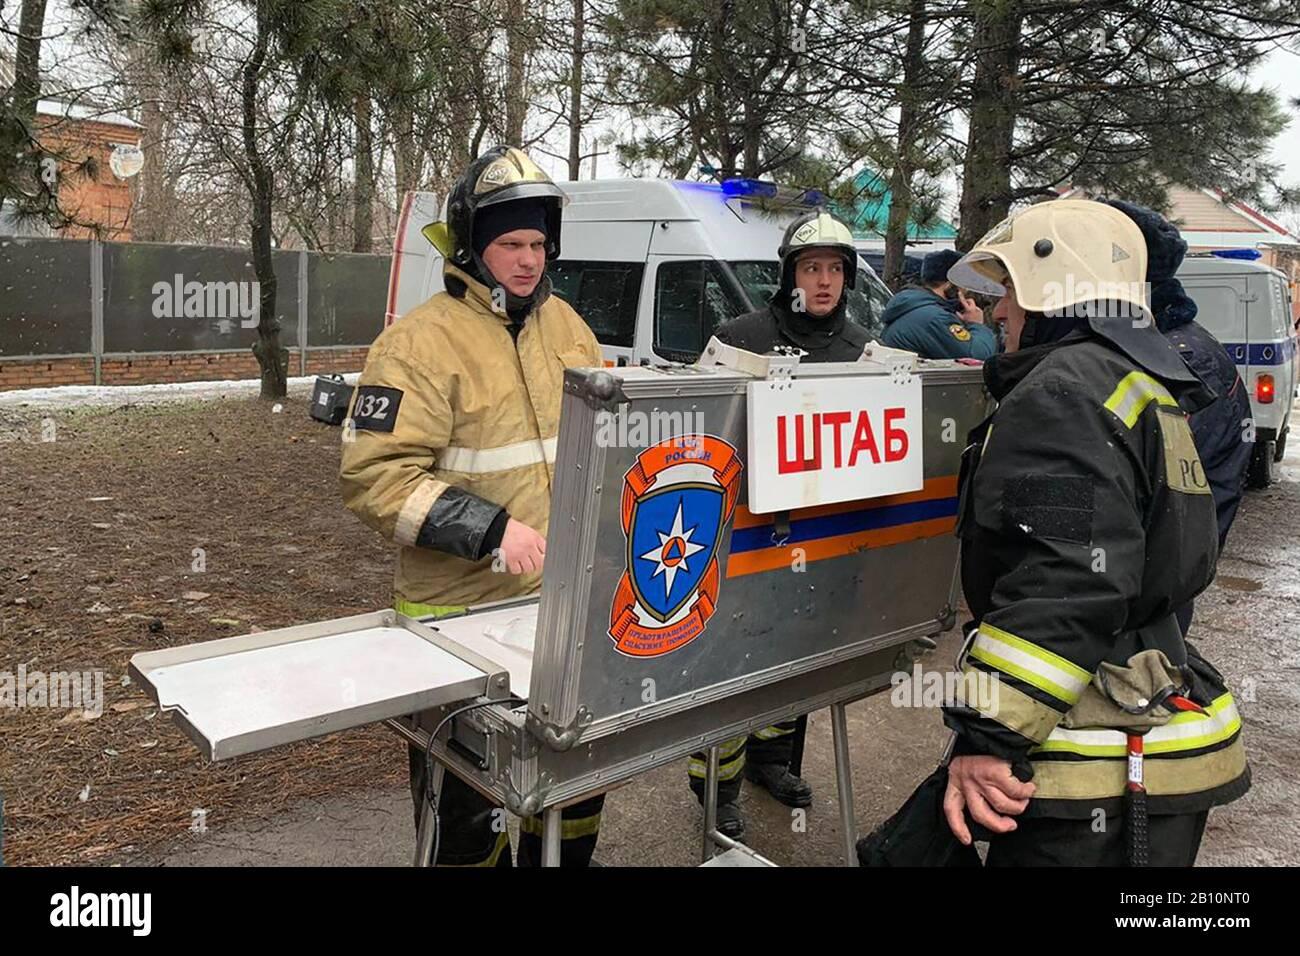 Russie. 22 février 2020. Région de Rostov-ON-DON, RUSSIE - 22 FÉVRIER 2020: Les employés du ministère russe des urgences ont vu sur le site d'une explosion de gaz domestique dans une maison résidentielle de la ville d'Azov. Deux personnes sont mortes dans l'explosion, une a été hospitalisée, 49 évacuée. La Direction de la région de Rostov-on-Don du ministère russe des urgences/TASS crédit: ITAR-TASS News Agency/Alay Live News Banque D'Images